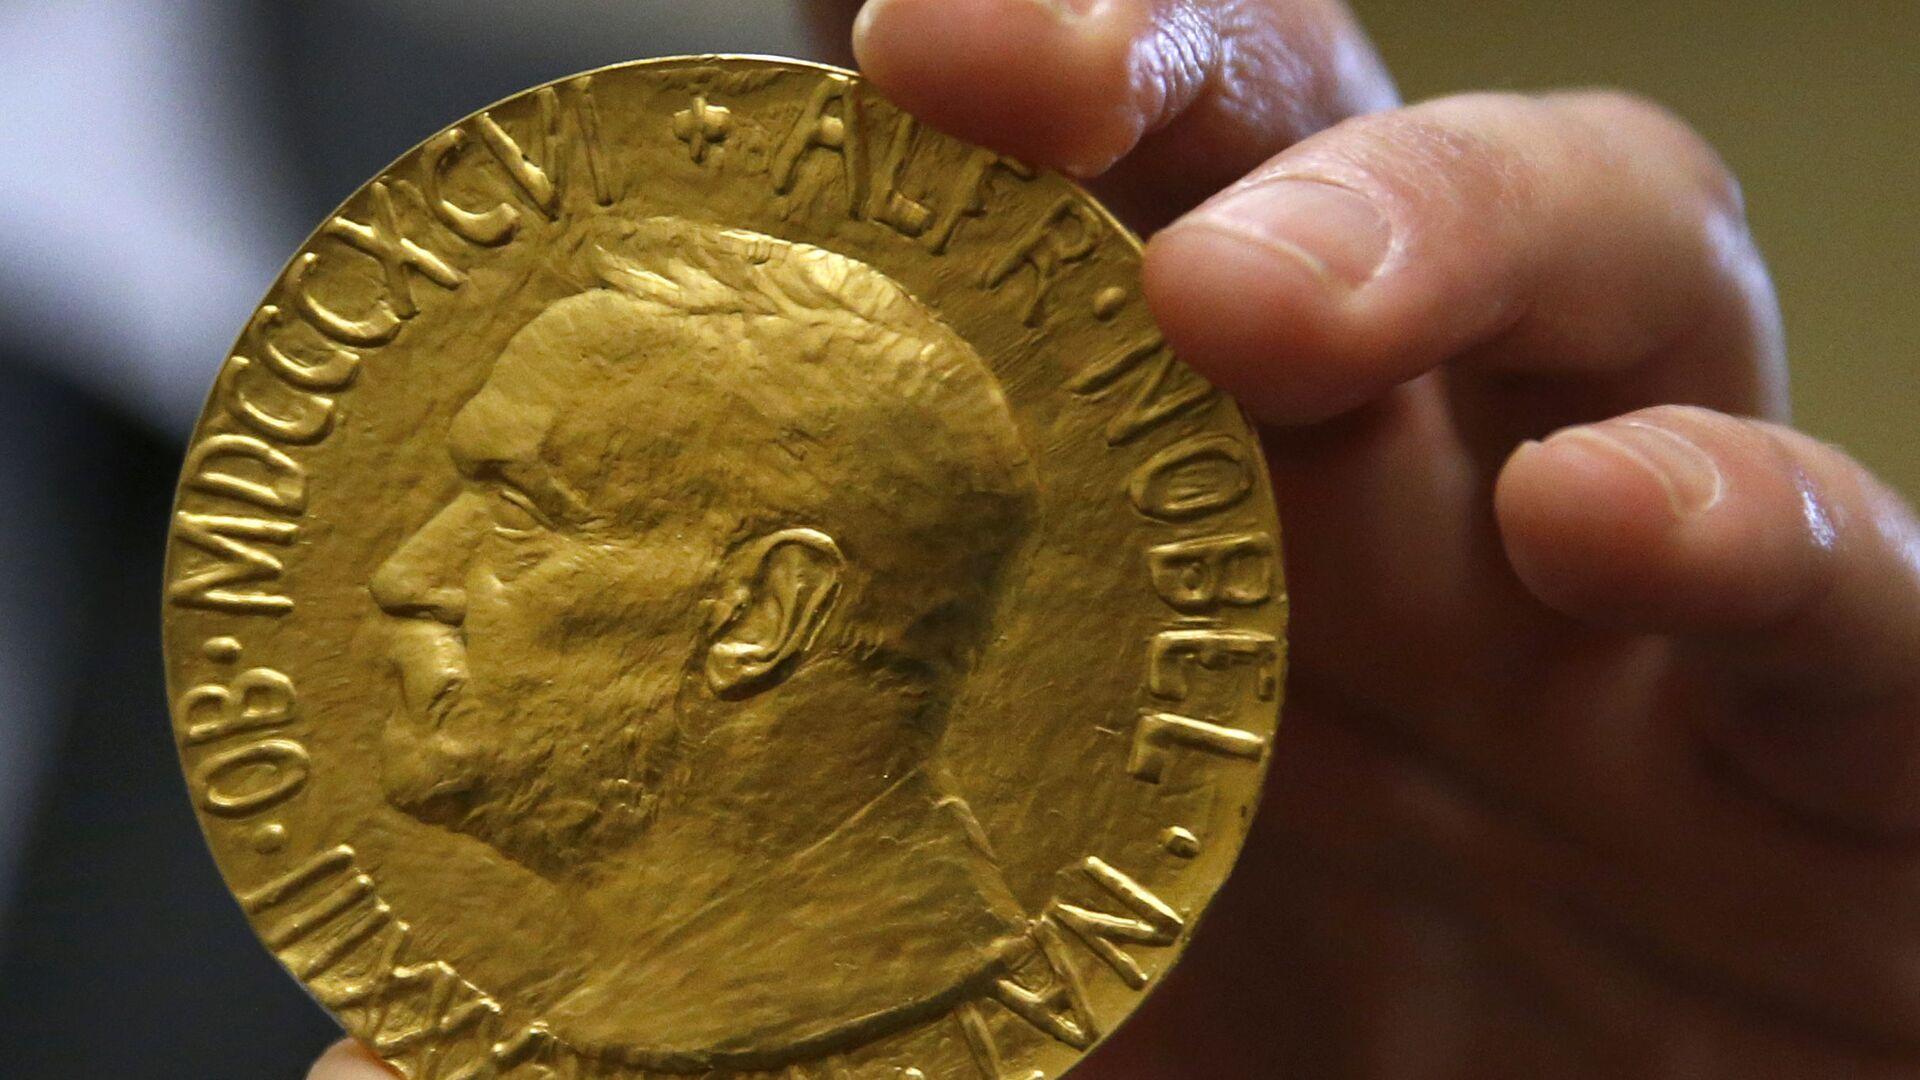 Medalla del Premio Nobel de la Paz otorgada a Carlos Saavedra Lamas subastada en 2014 - Sputnik Mundo, 1920, 08.10.2021